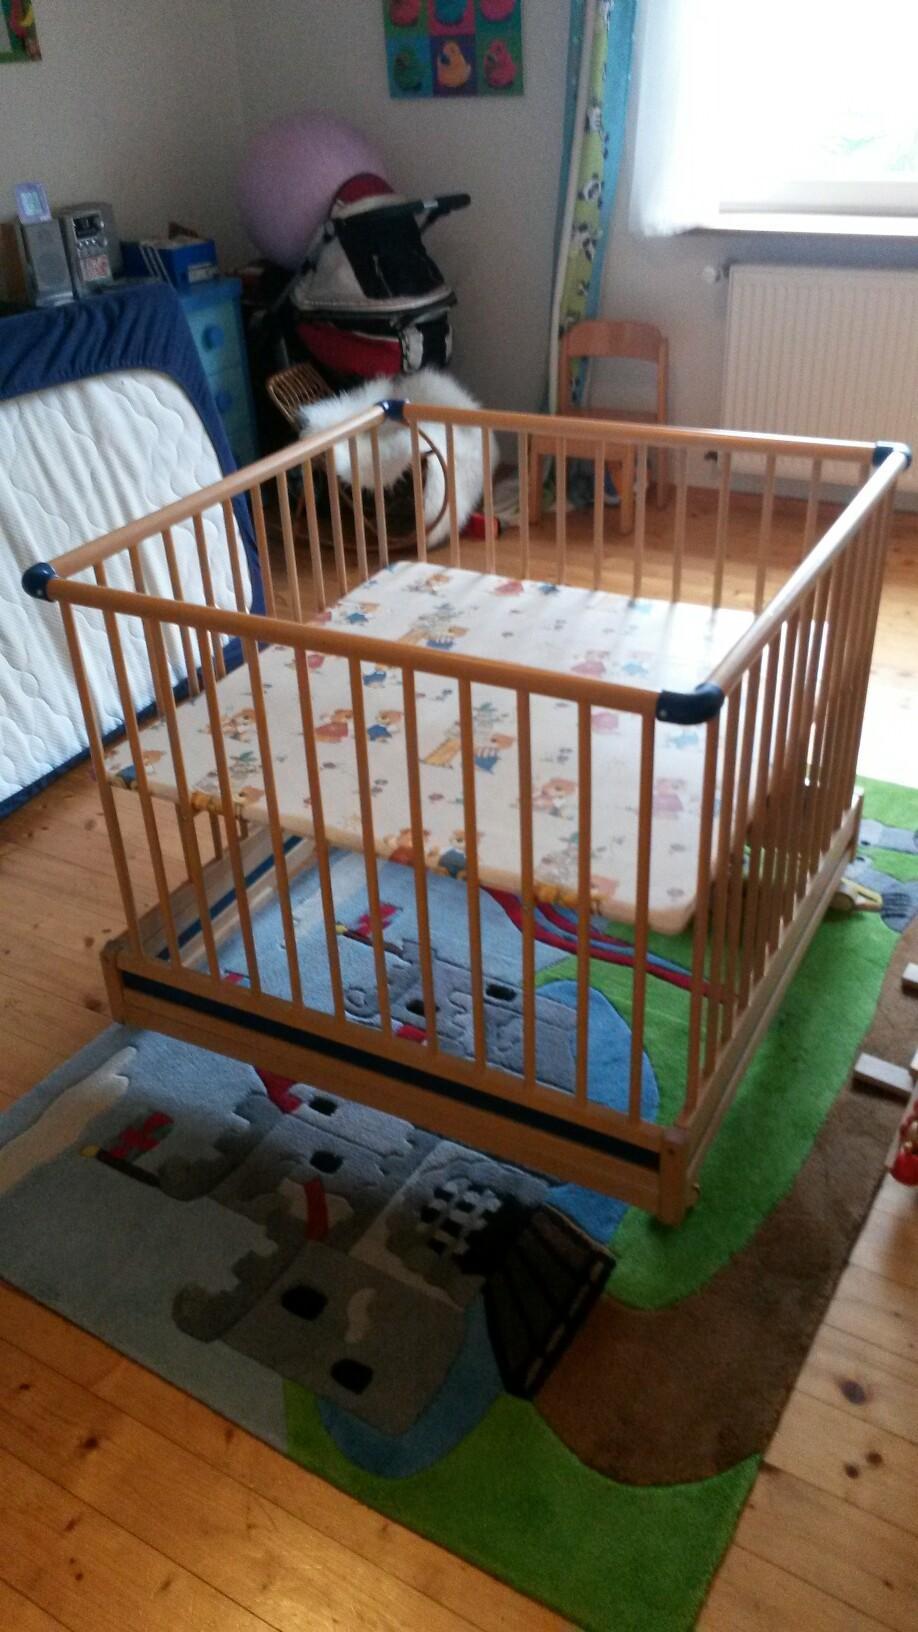 Gebraucht laufstall baby stubenwagen in wolpertswende um